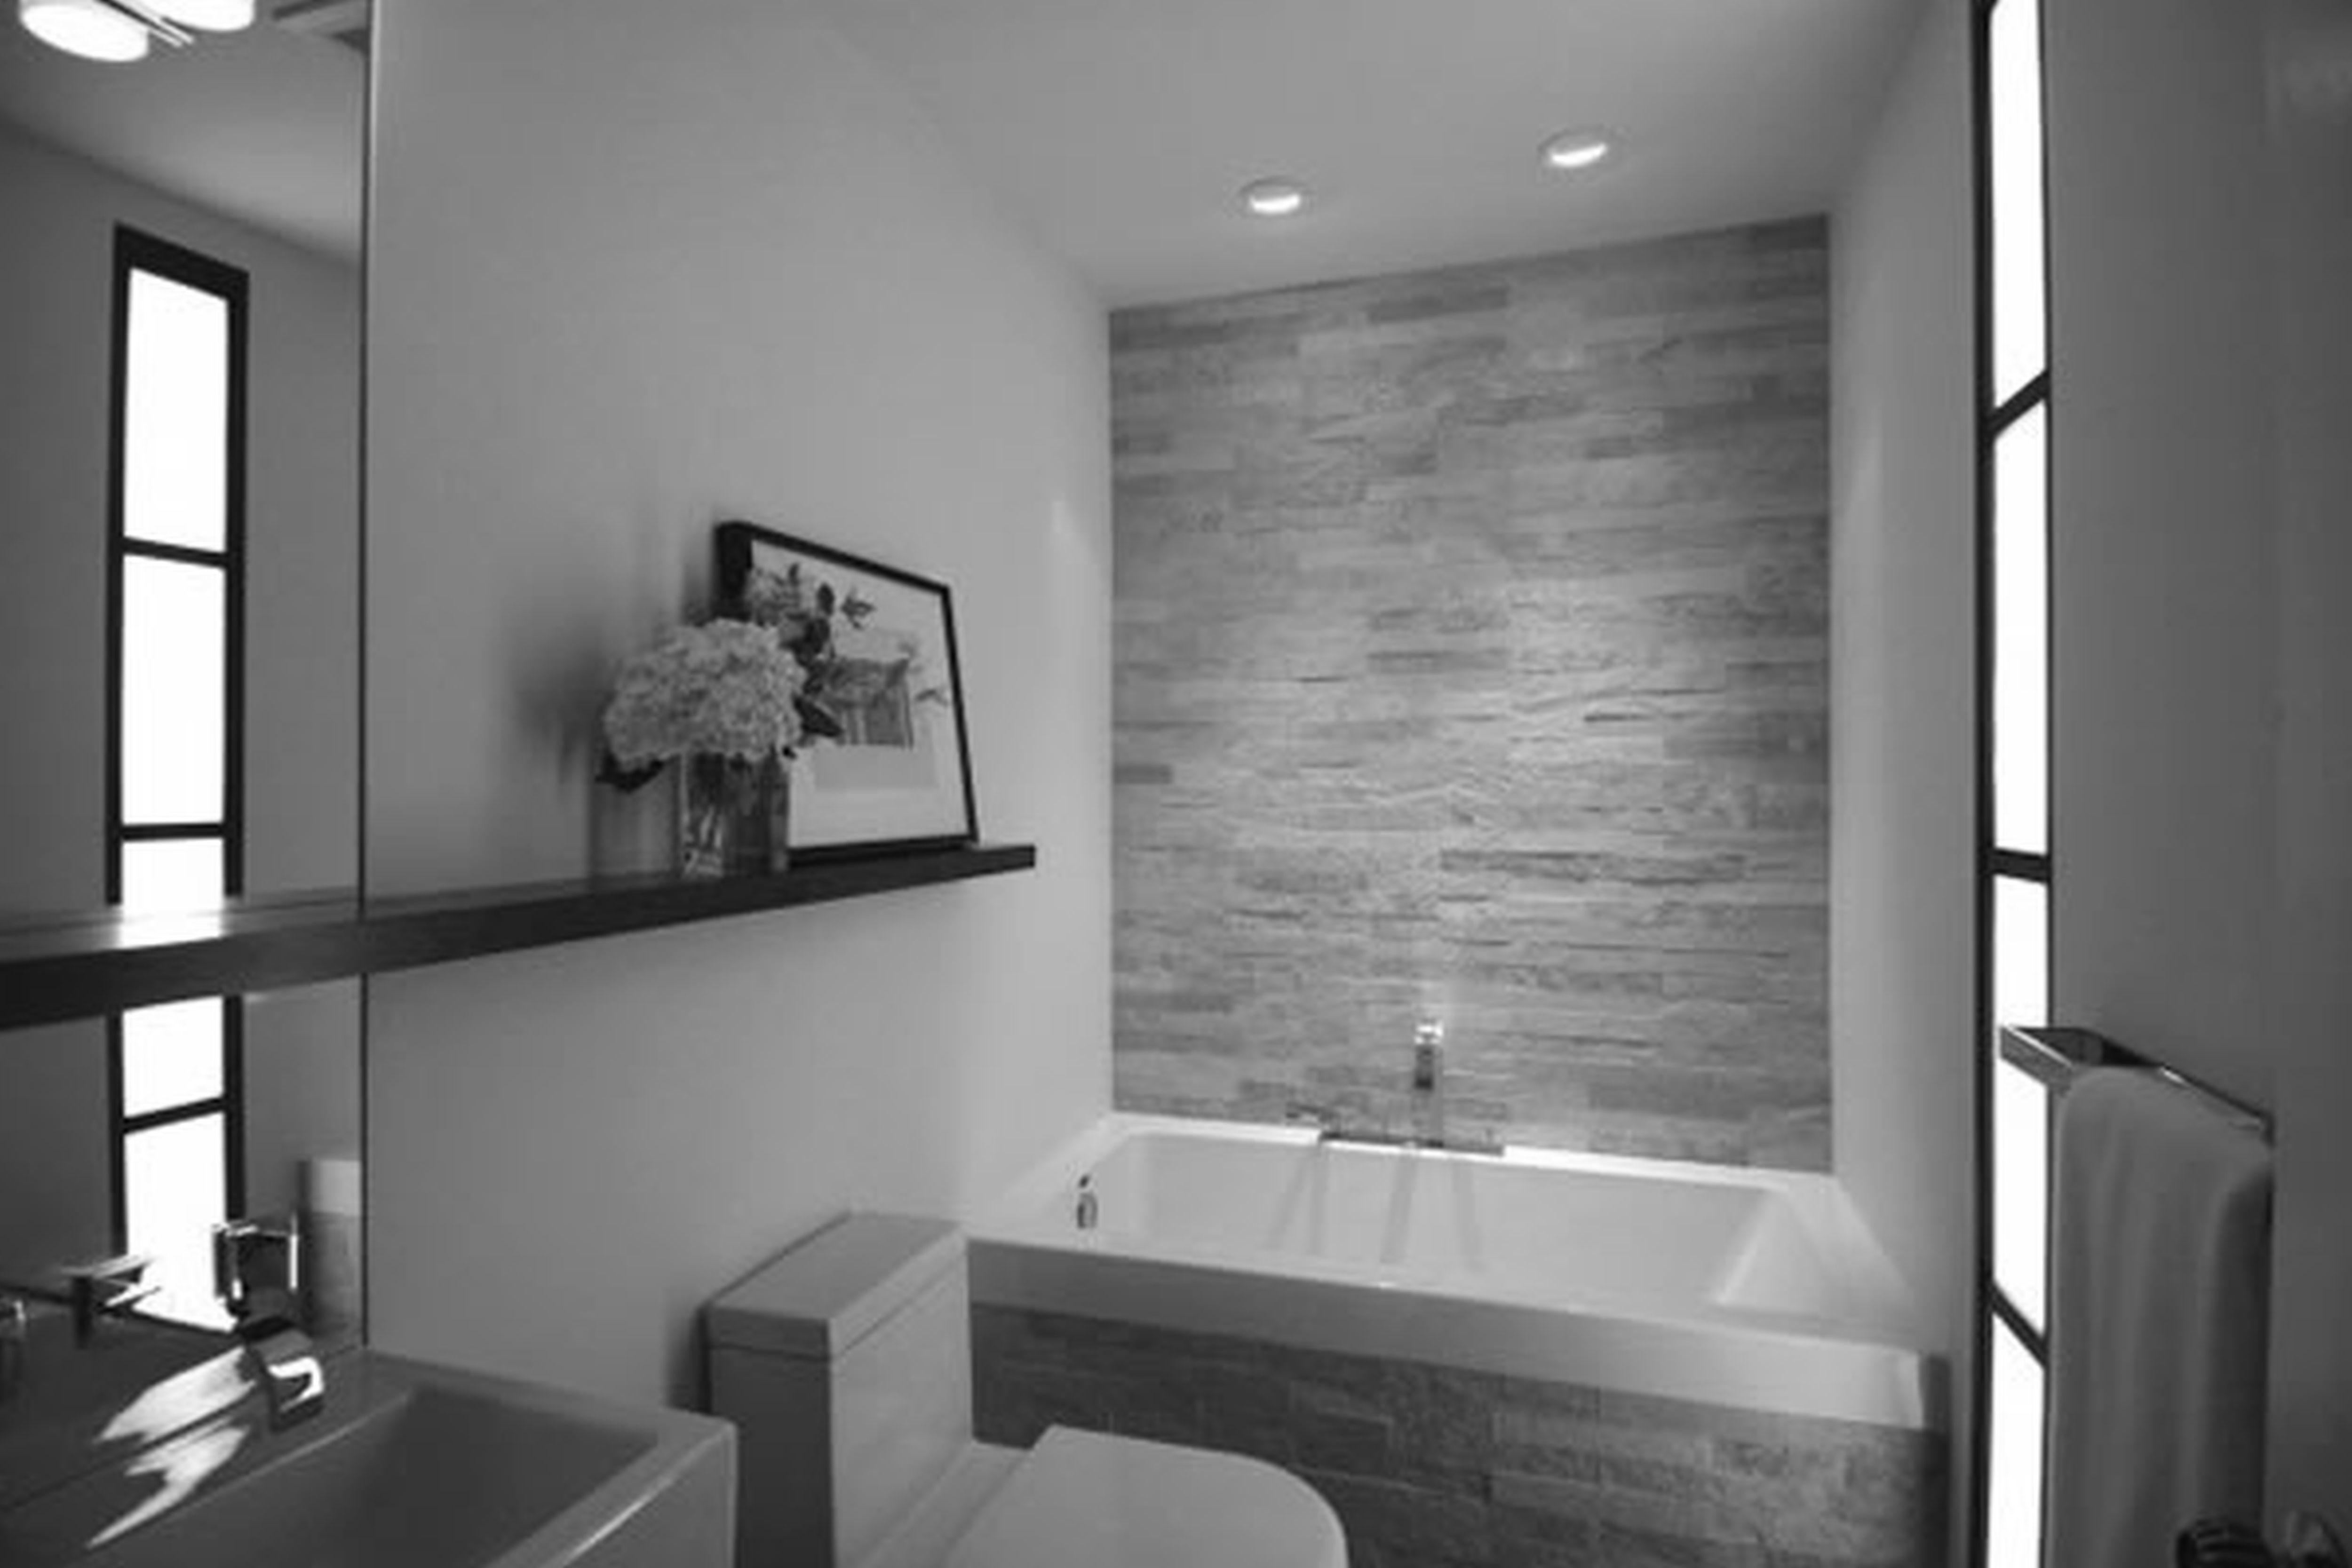 Moderne Kleine Badezimmer Ideen Moderne Kleine Badezimmer Ideen Fur Die Mobel In Moderne Kleine Bader Badezimmereinrichtung Kleines Badezimmer Umgestalten